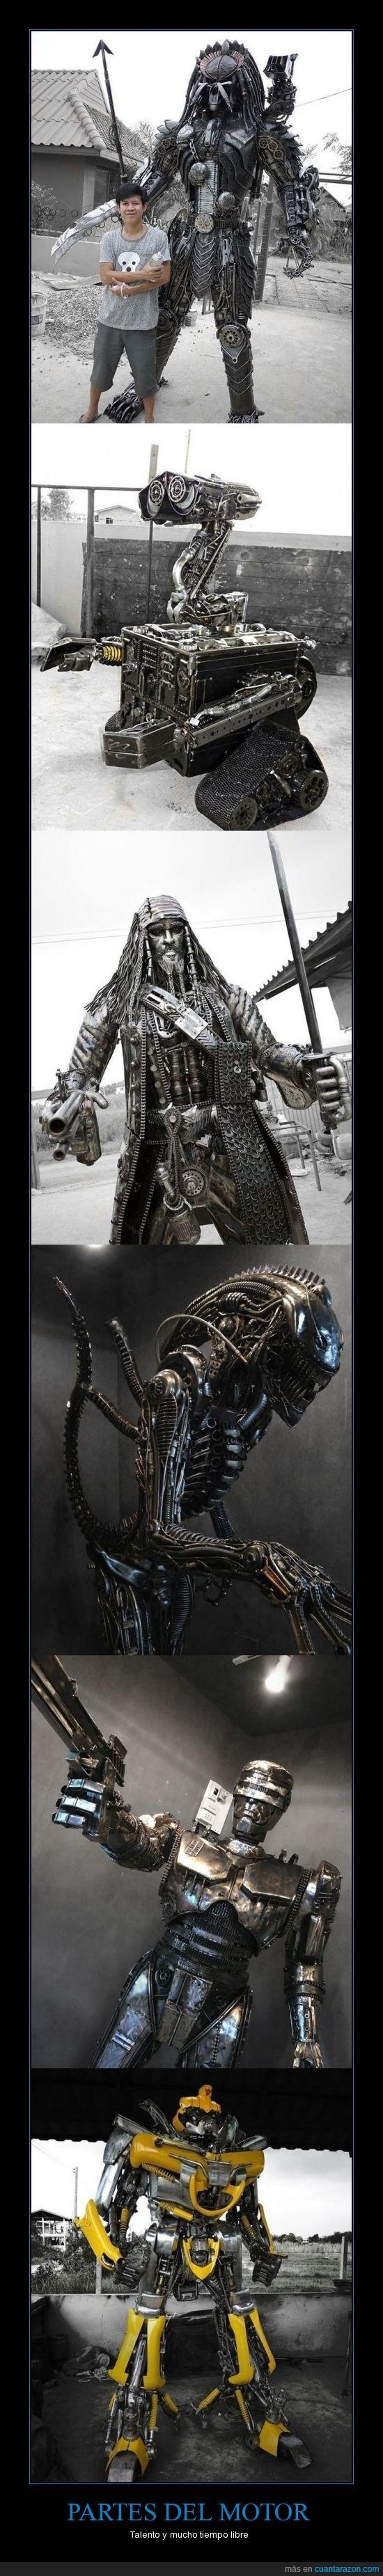 alien,jack sparrow,libre,Motor,personajes,predator,robocop,tiempo,transformer,wall-e